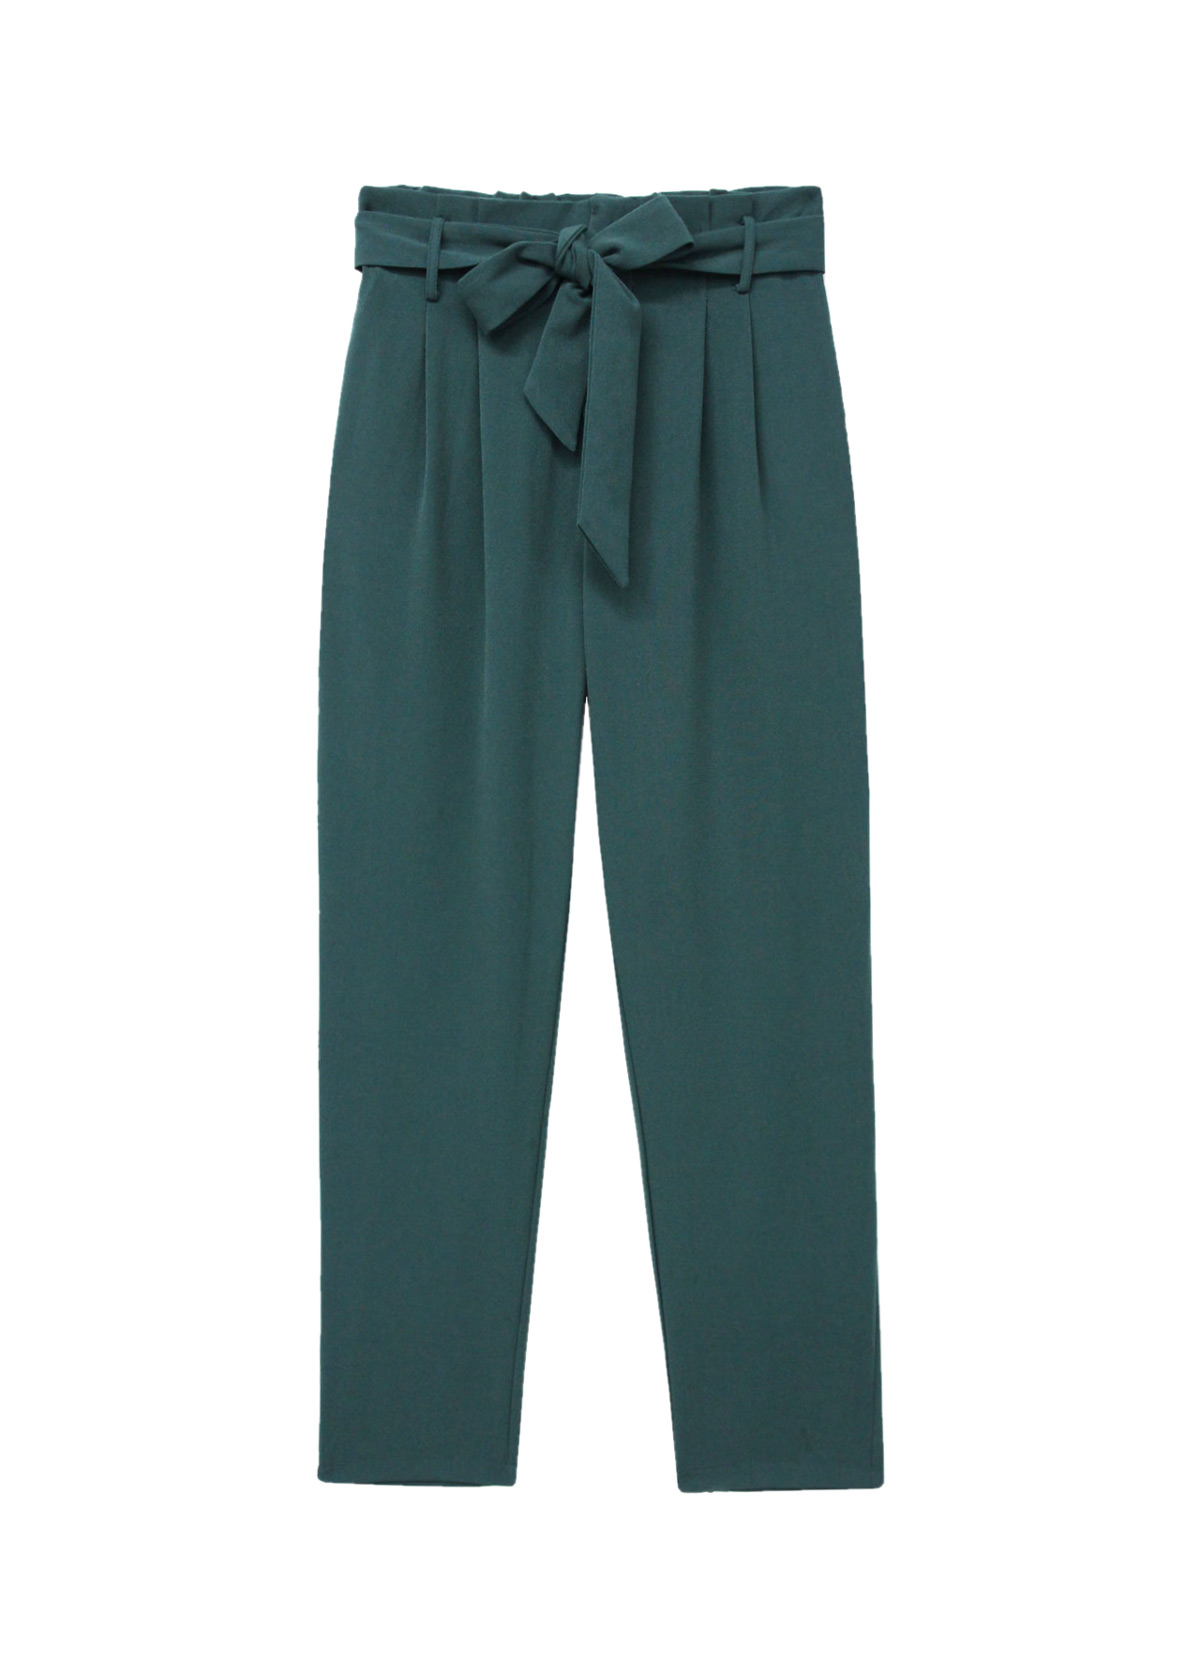 Le pantalon paper bag dans les tons verts